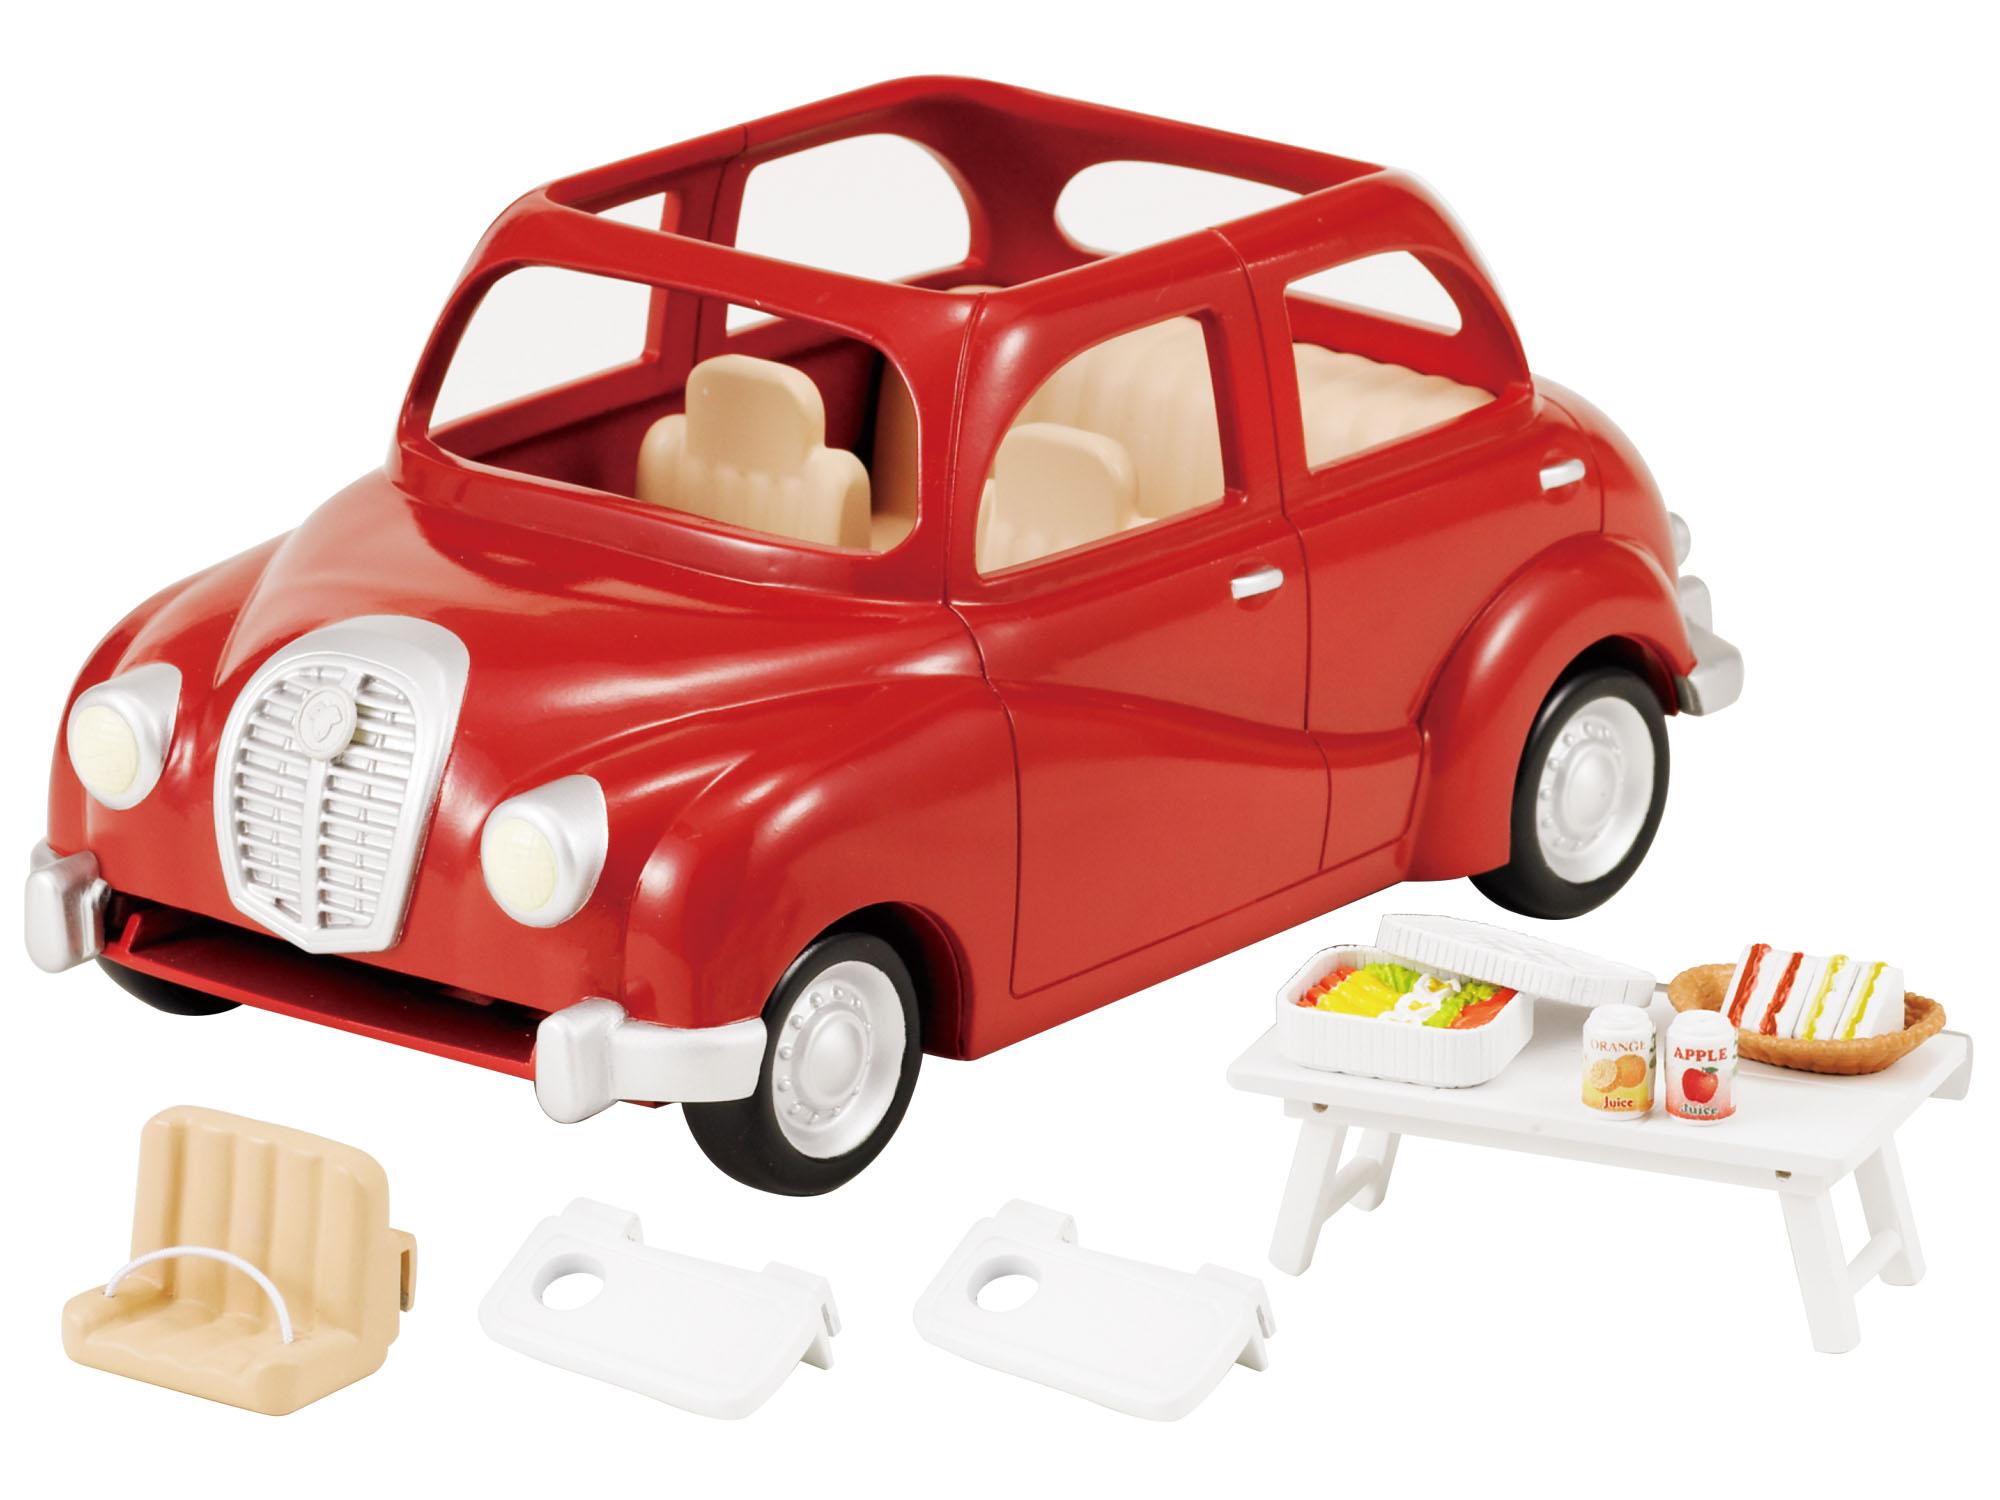 Sylvanian Families SYLVANIAN FAMILIES Семейный автомобиль набор семейный автомобиль красный sylvanian families